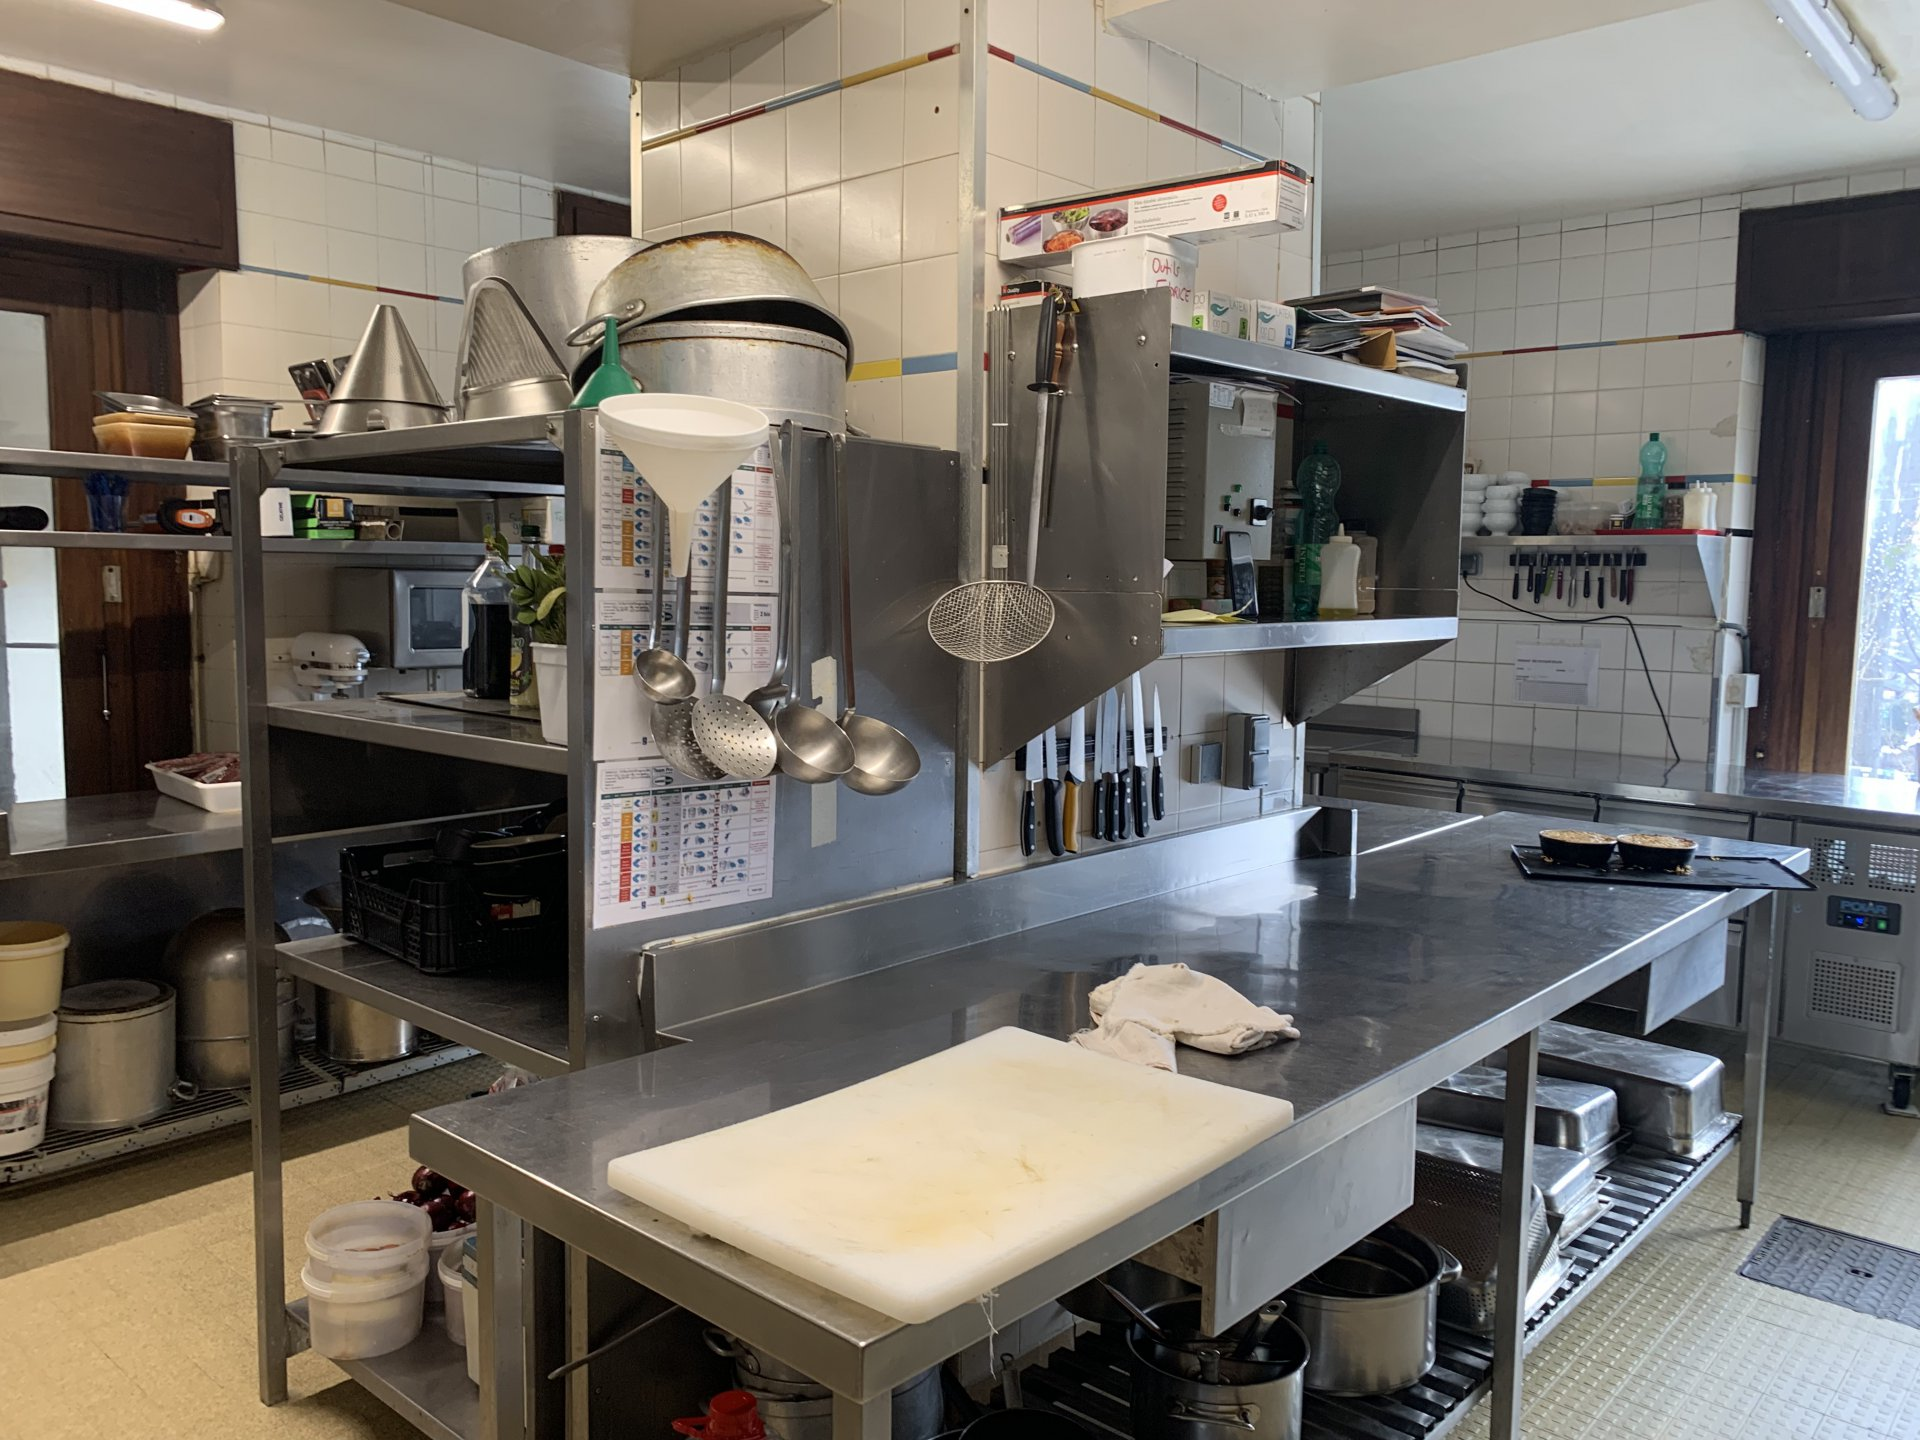 SECTEUR CHAMONIX FONDS DE COMMERCE HOTEL  - MURS POSSIBLES